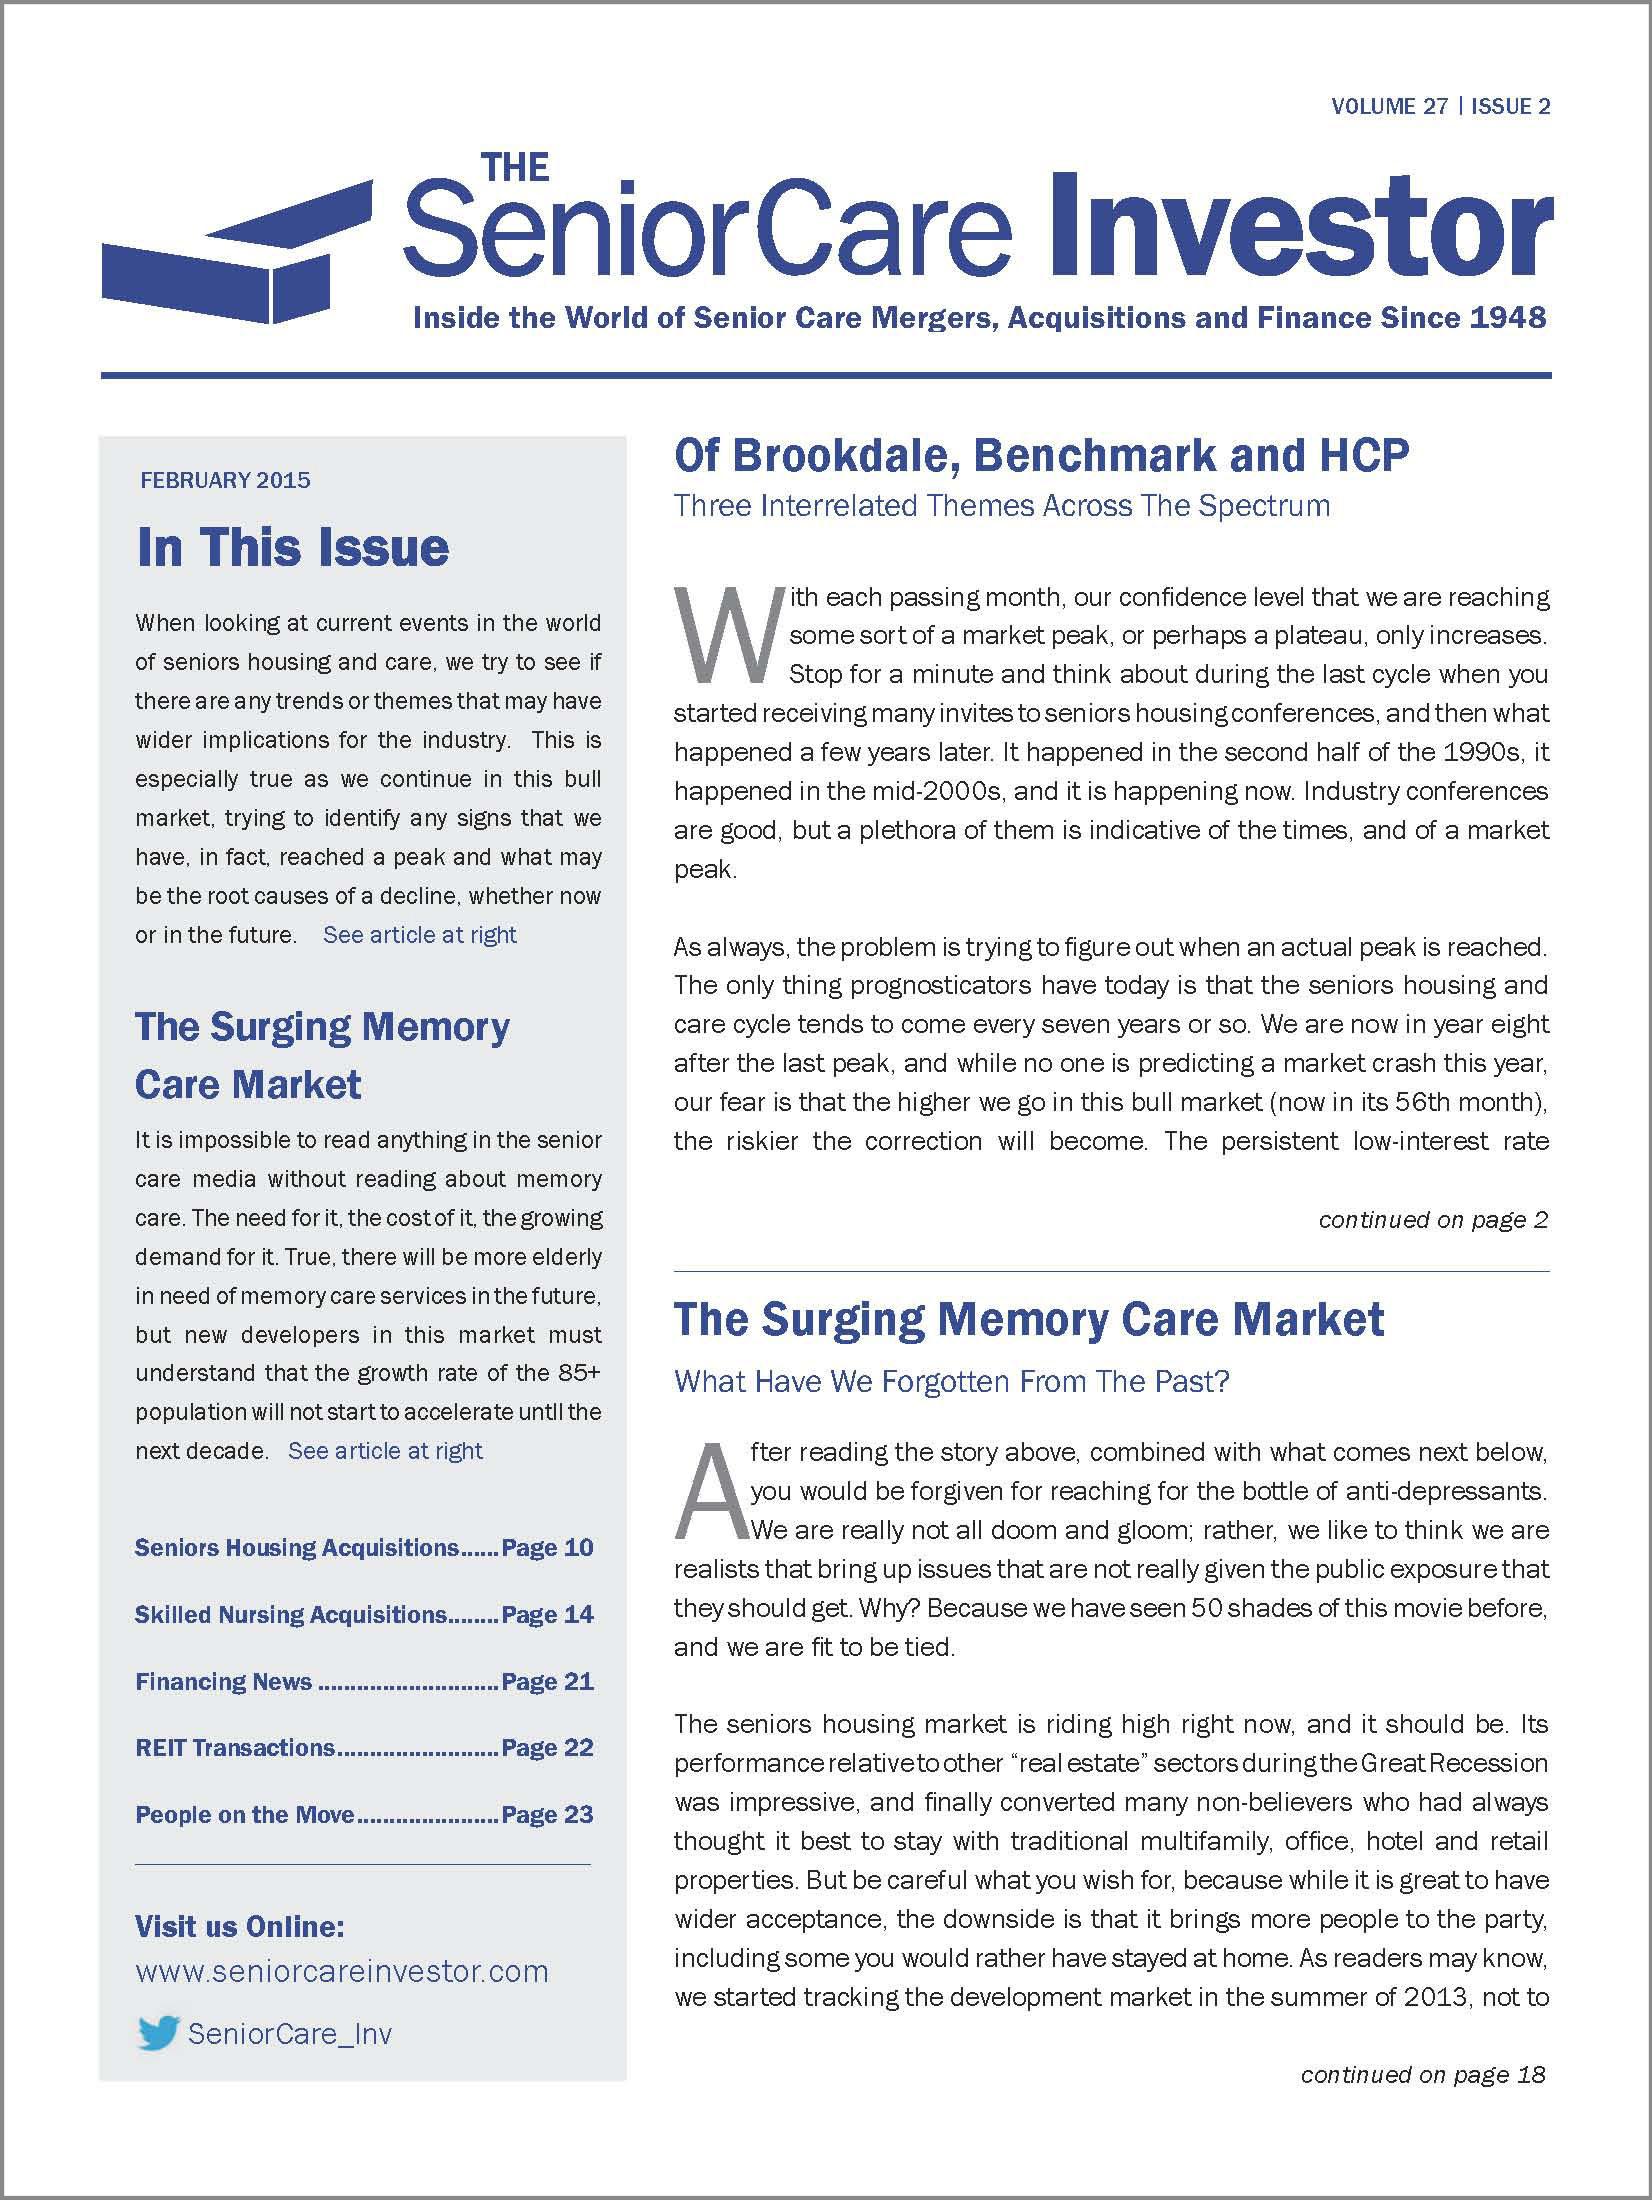 The SeniorCare Investor Newsletter